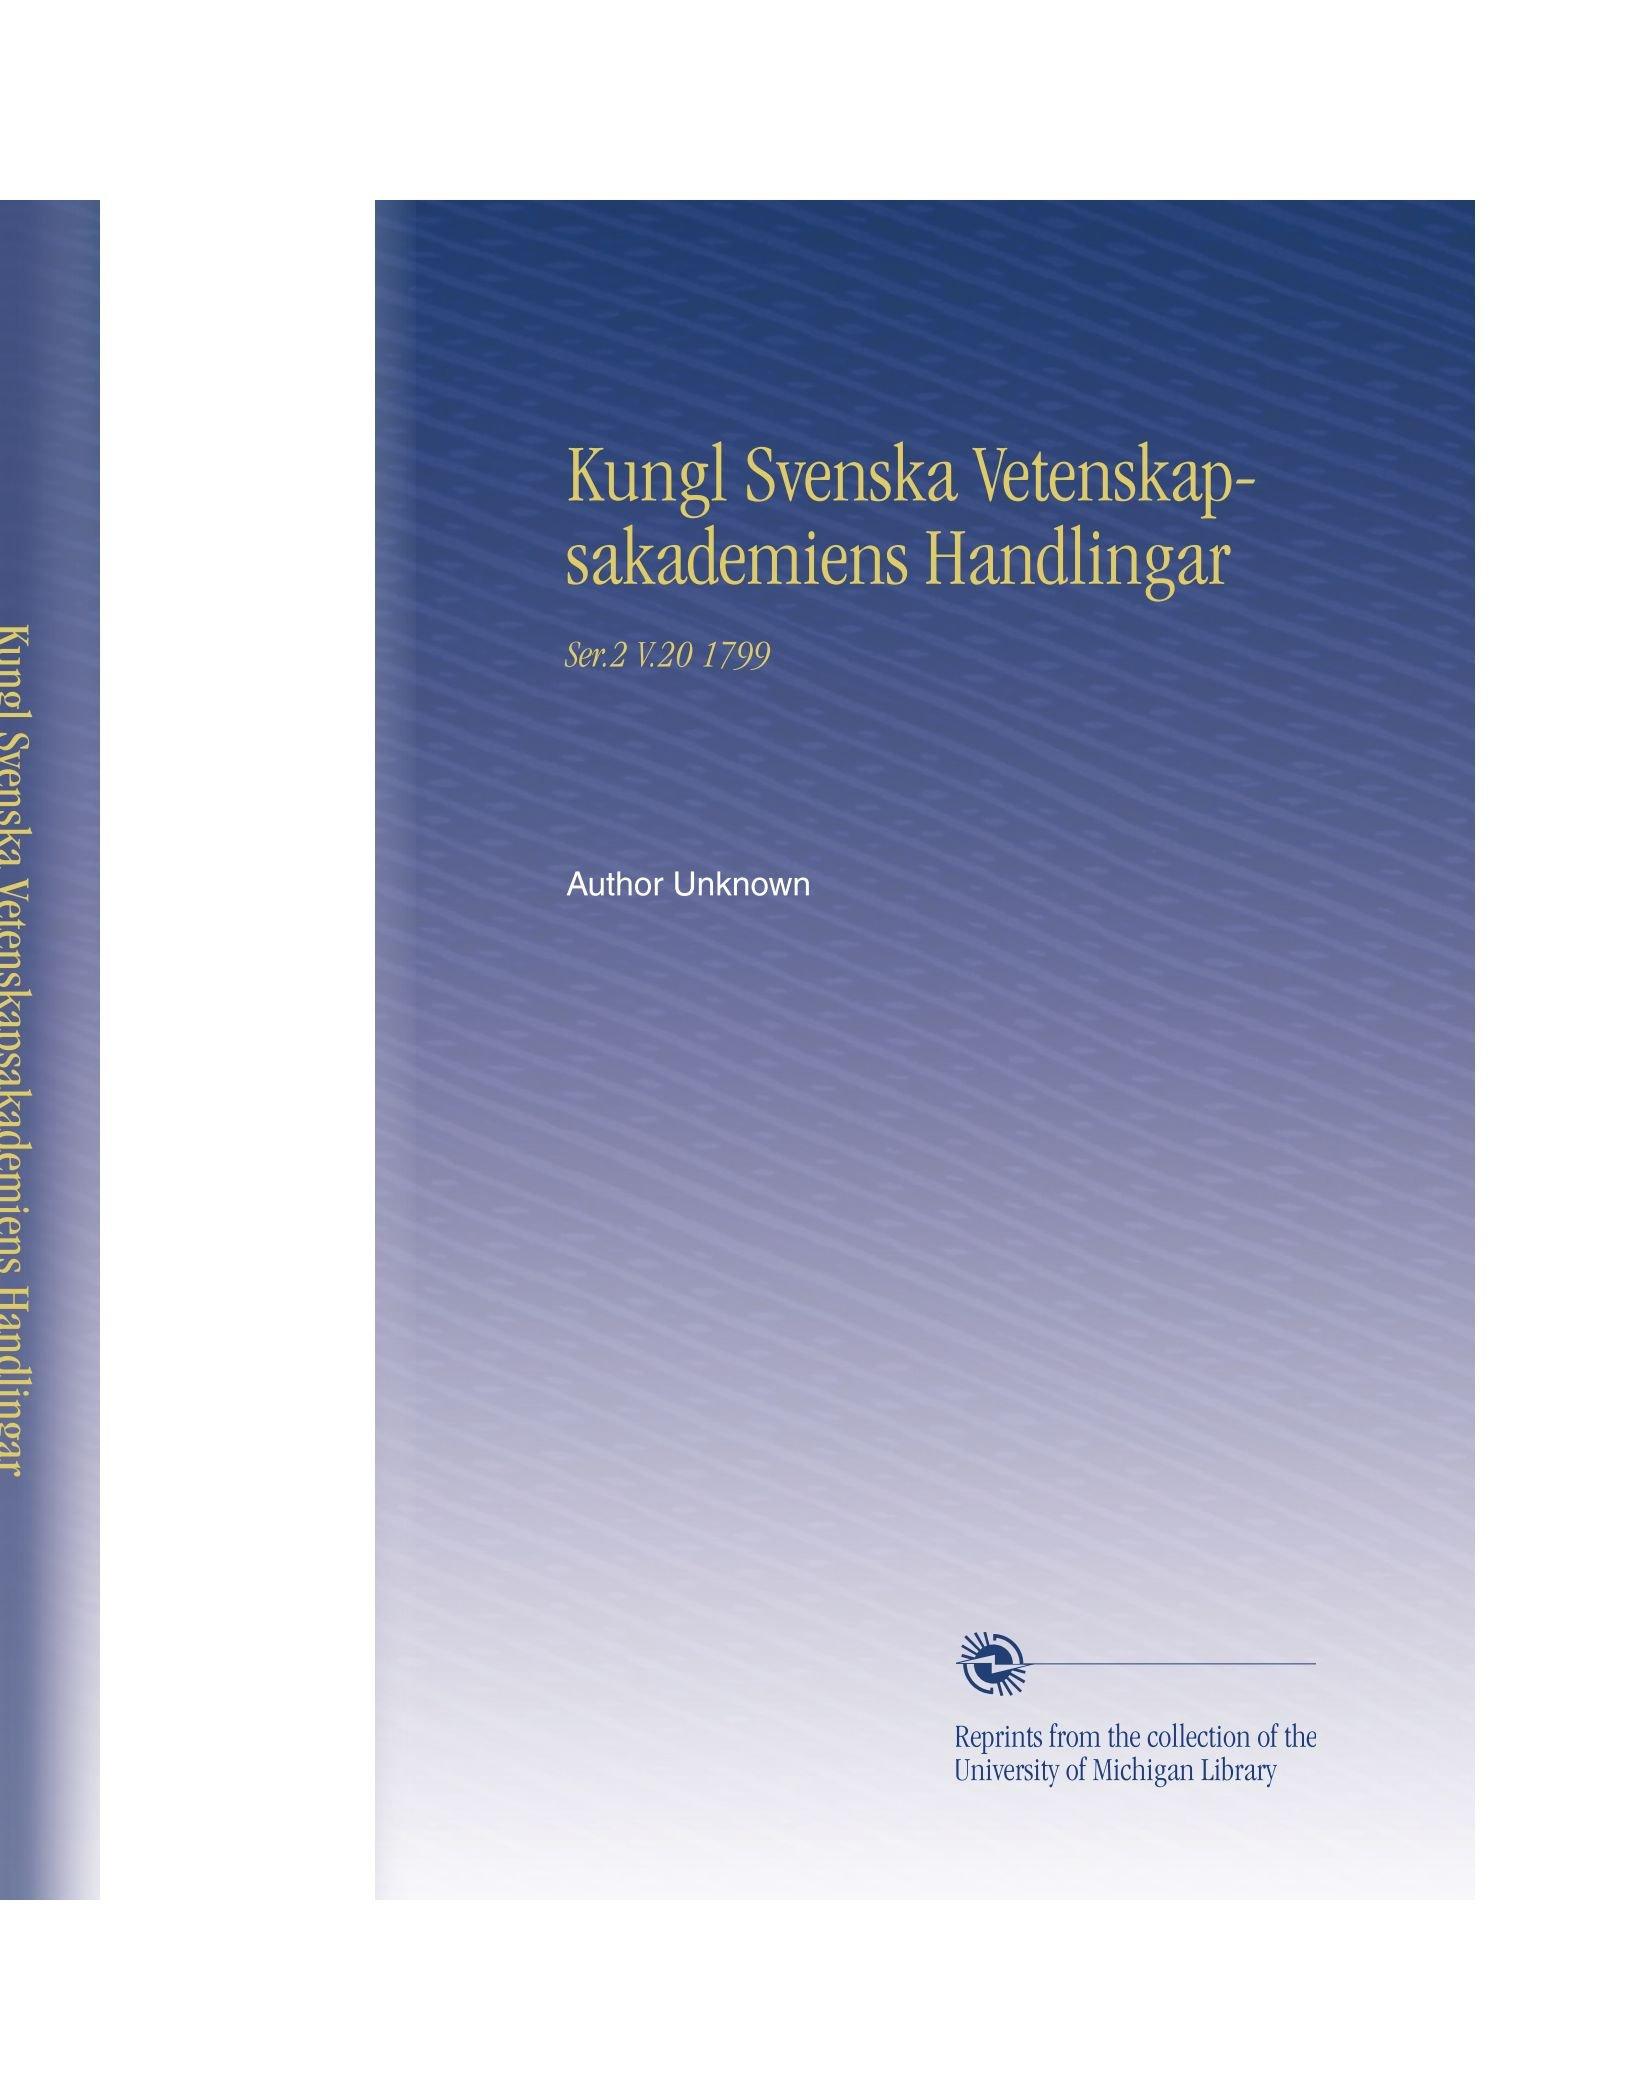 Kungl Svenska Vetenskapsakademiens Handlingar: Ser.2 V.20 1799 (Swedish Edition) ebook